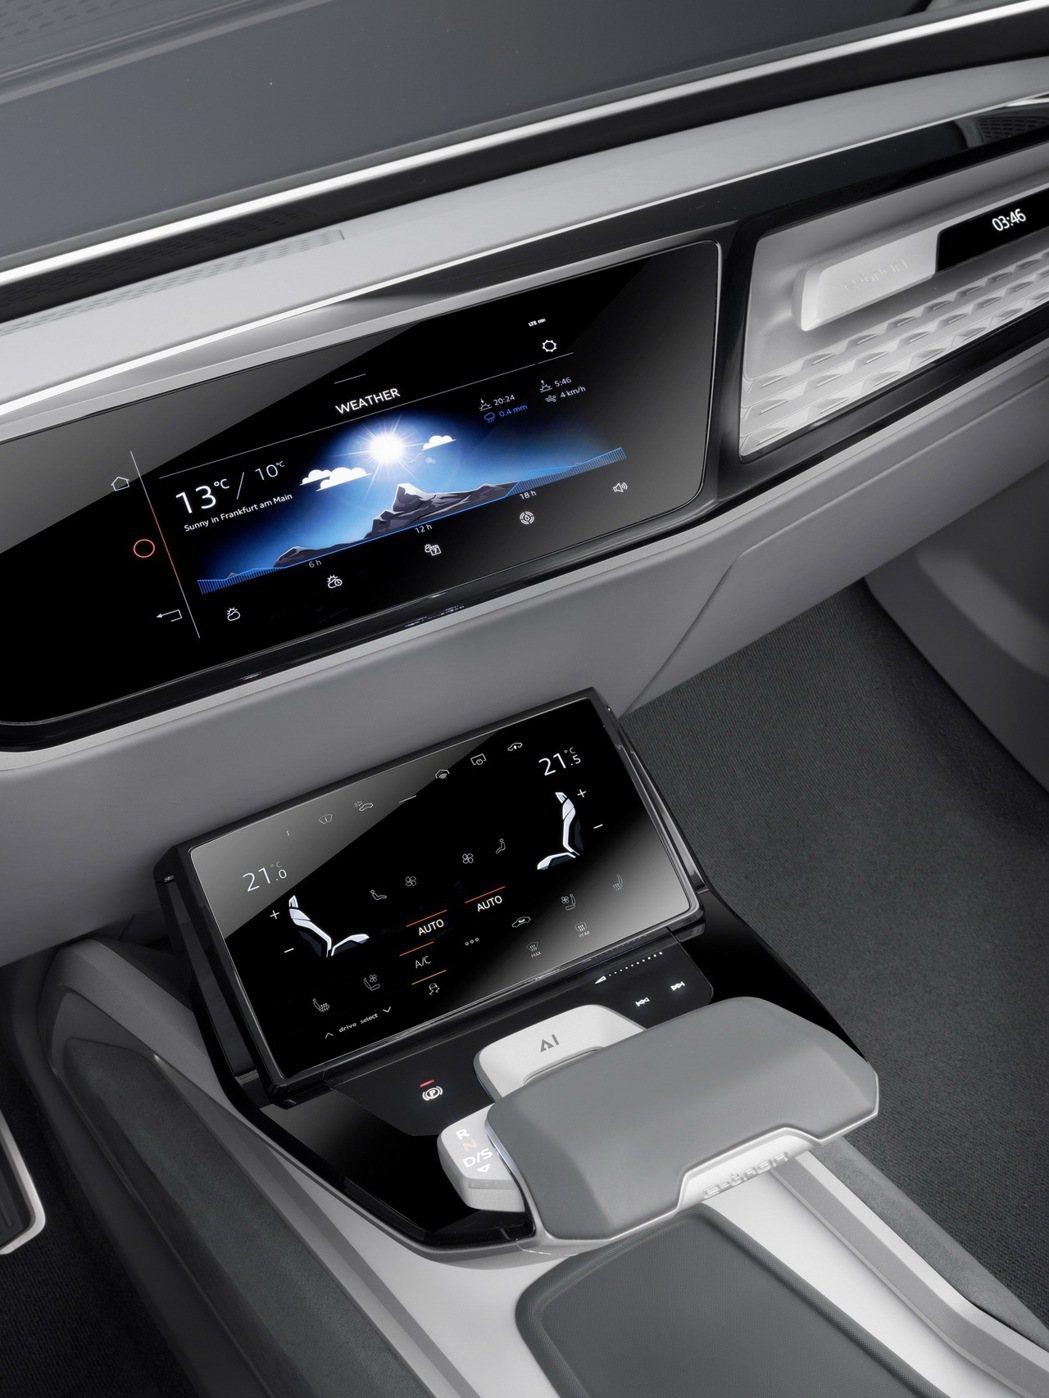 Audi Elaine個人化智慧秘書會間接熟悉該駕駛者的習慣如偏好的車室內溫度、行駛在高速公路上習慣保持的安全距離,在後續行駛中給予駕駛者合適的協助。 圖/台灣奧迪提供